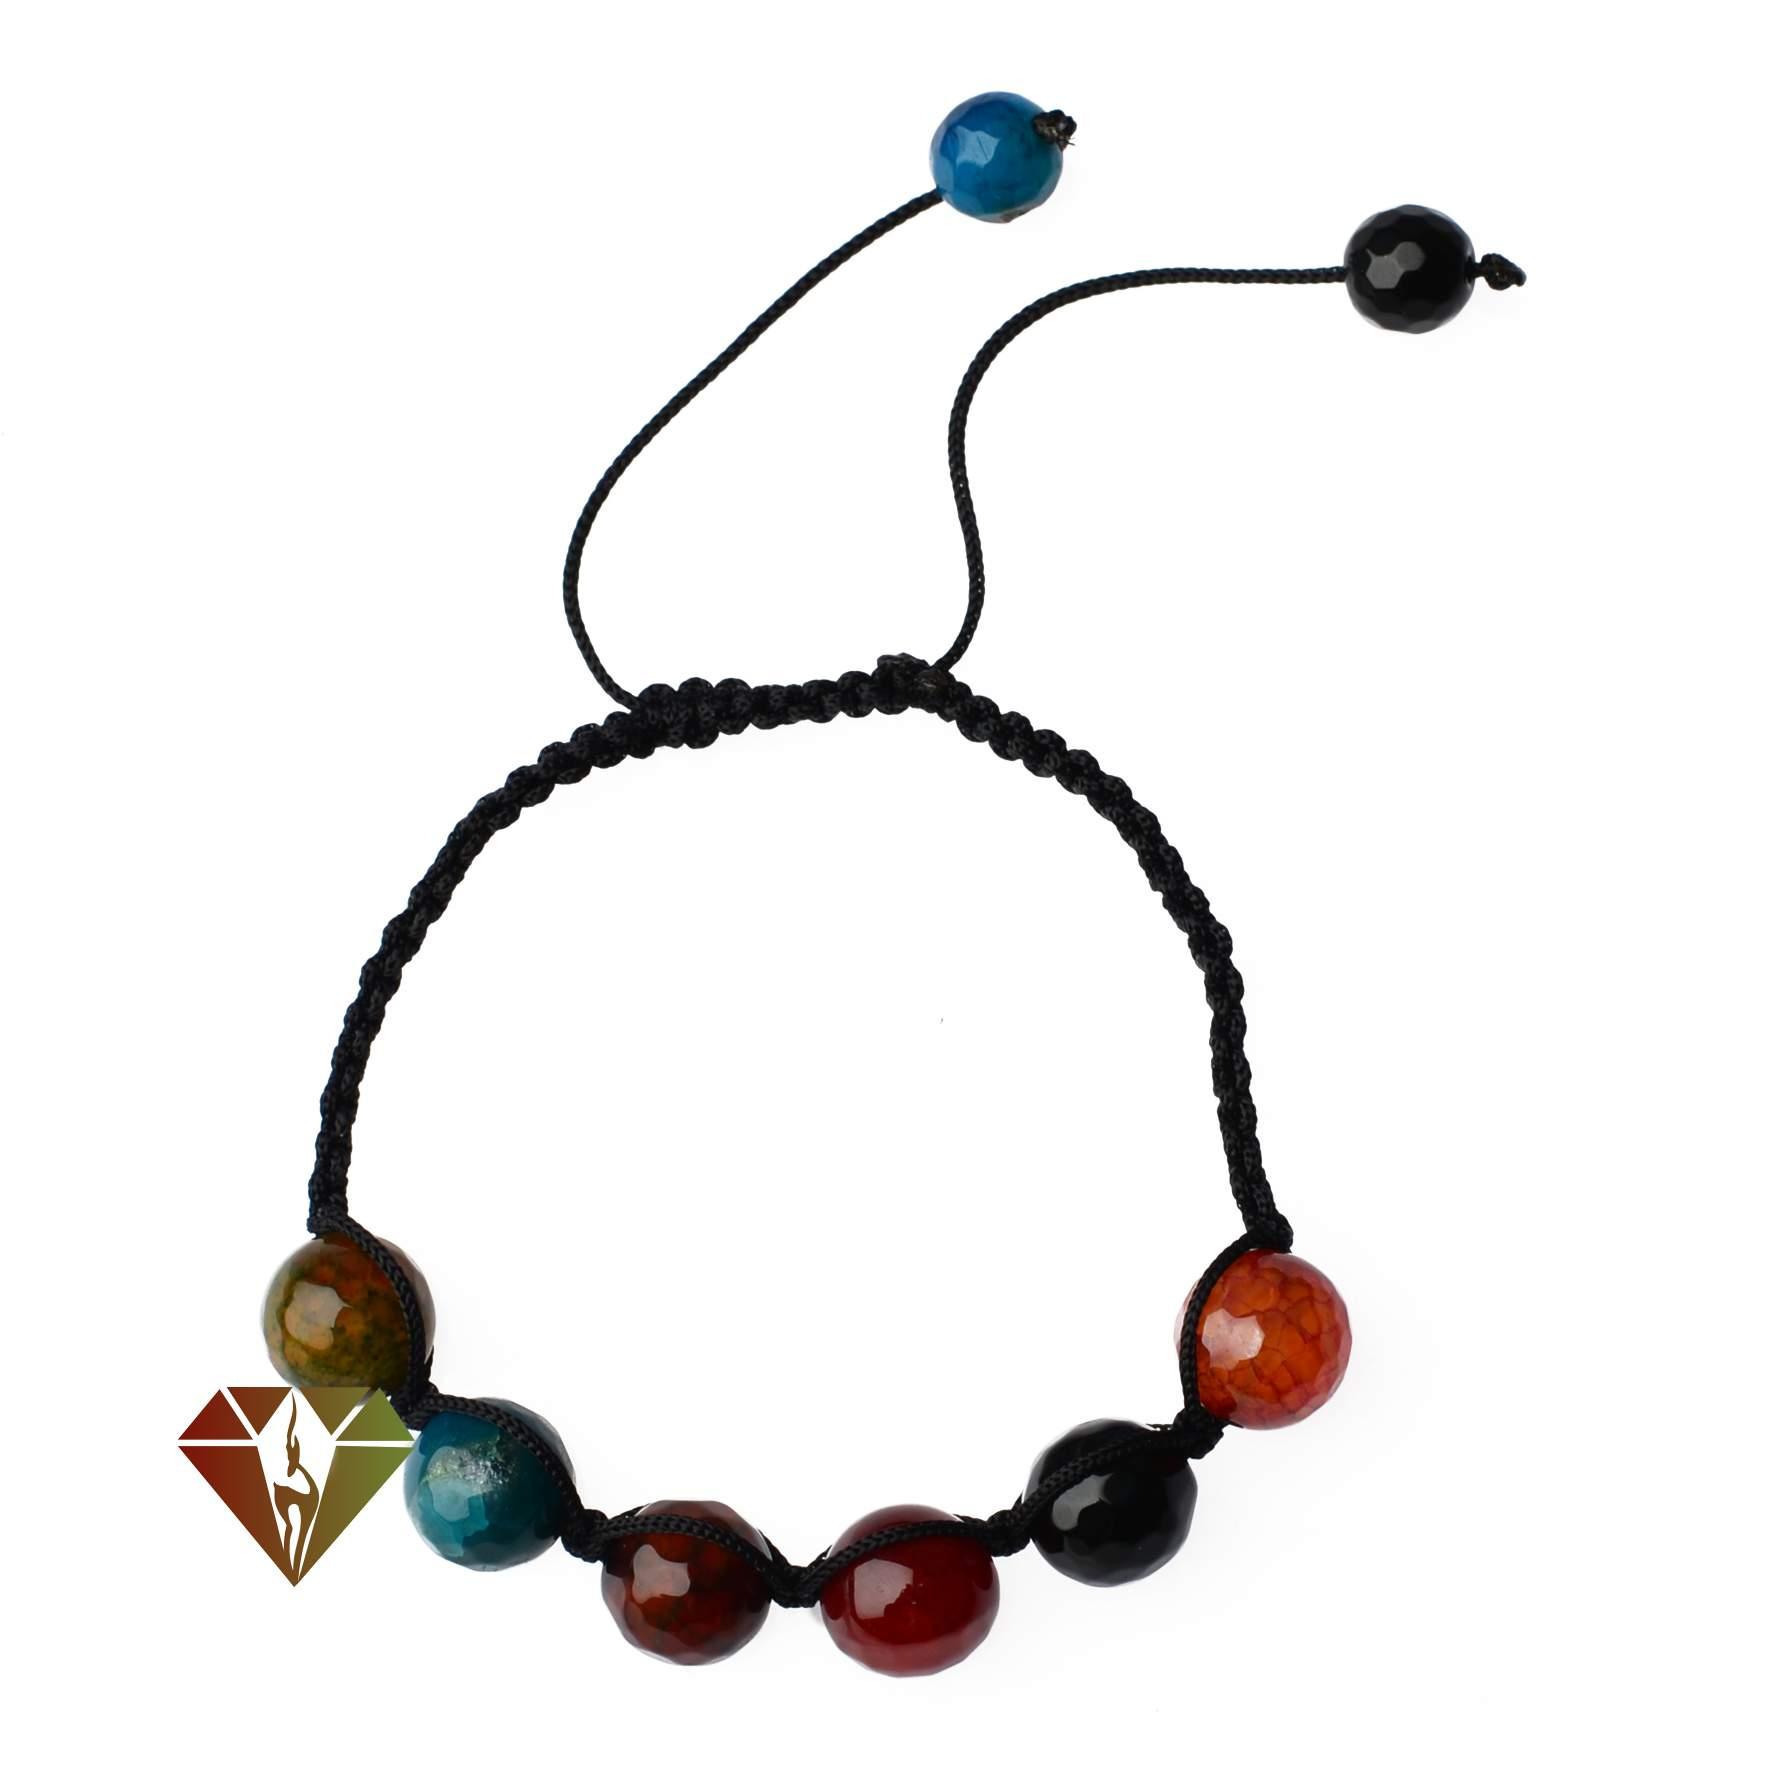 دستبند عقیق طرح آیدا با مهره های رنگی